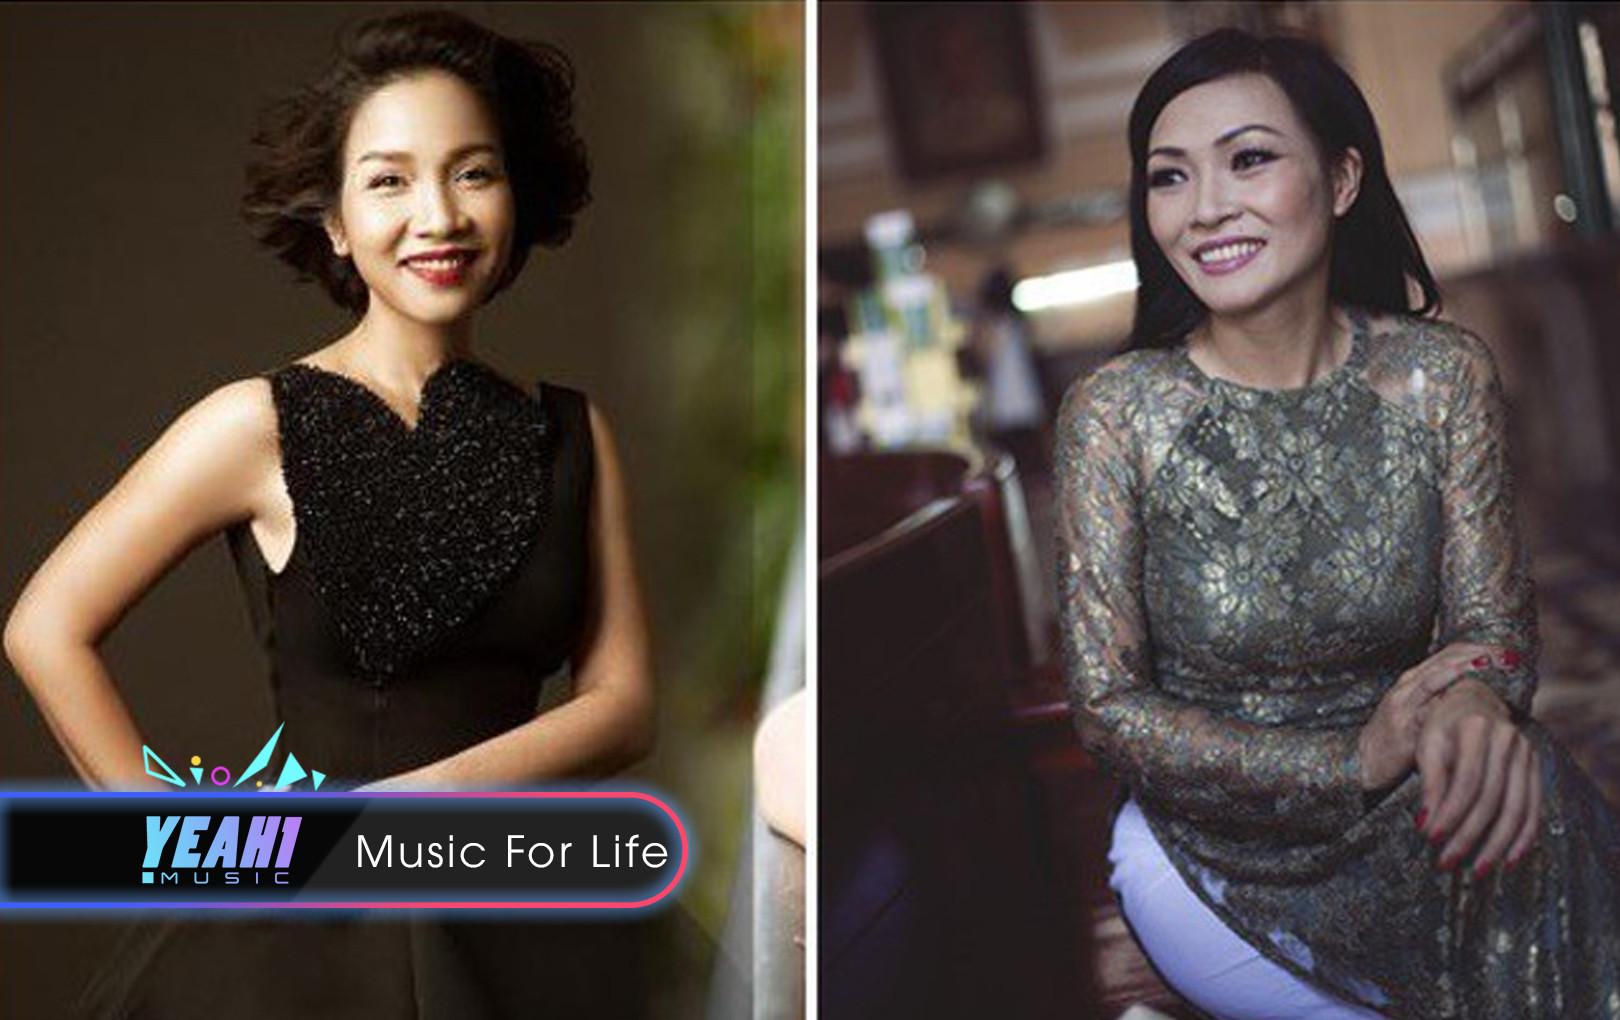 Sau 10 năm, ca sĩ Phương Thanh bất ngờ nói về tin đồn từng định tát Mỹ Linh tội ăn nói hỗn láo